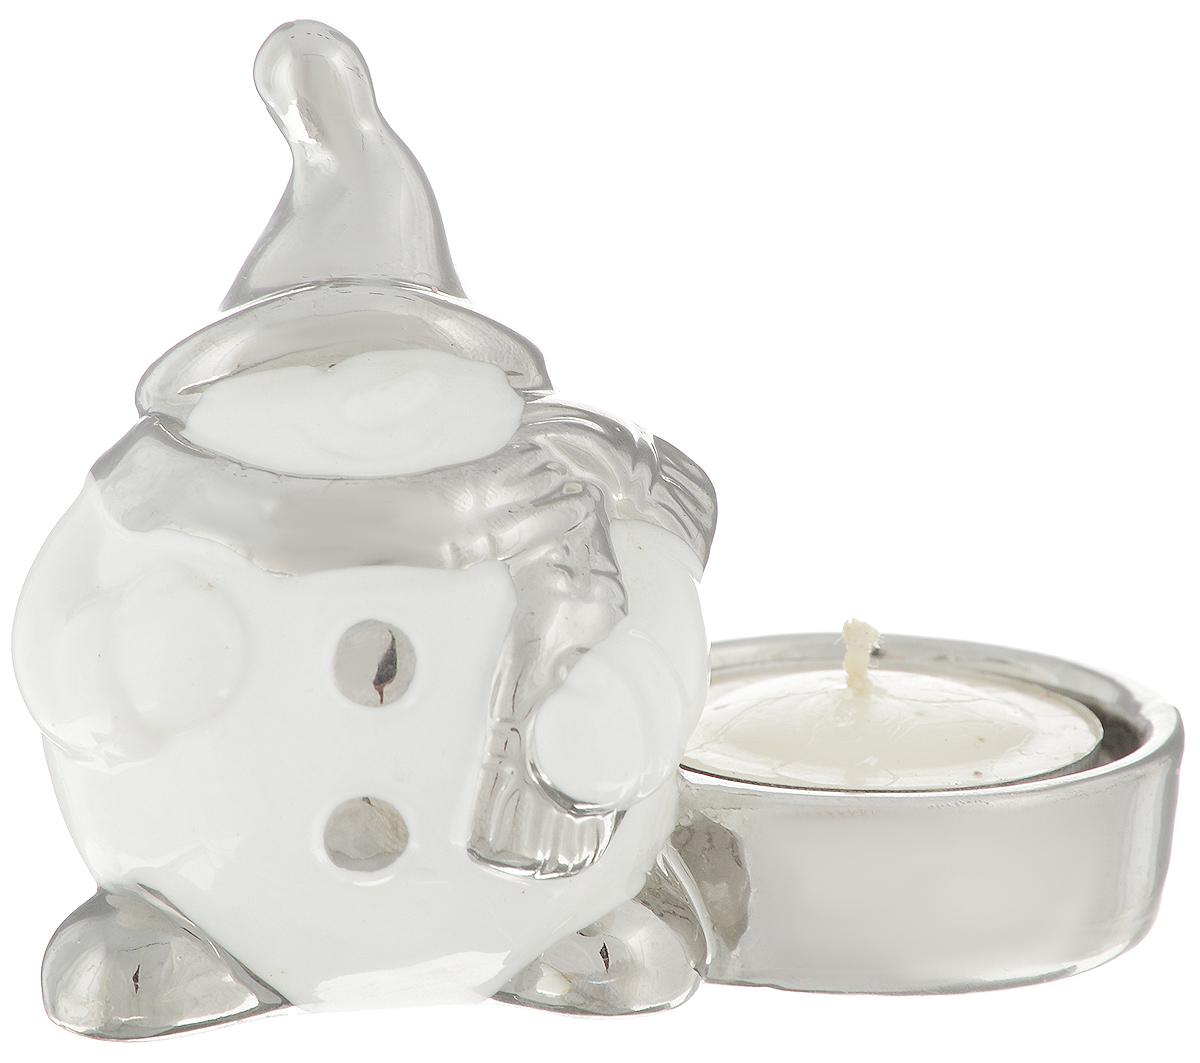 Подсвечник Winter Wings Снеговик, со свечой, 9,5 х 5 х 8 смN162054Декоративный подсвечник Winter Wings Снеговик выполнен из окрашенной керамики. К изделию прилагается чайная свеча.Такой подсвечник украсит интерьер вашего дома или офиса в преддверии Нового года. Оригинальный дизайн и красочное исполнение создадут праздничное настроение. Кроме того, это отличный вариант подарка для ваших близких и друзей.Размер подсвечника: 9,5 х 5 х 8 см. Размер свечи: 3,5 х 3,5 х 1 см.